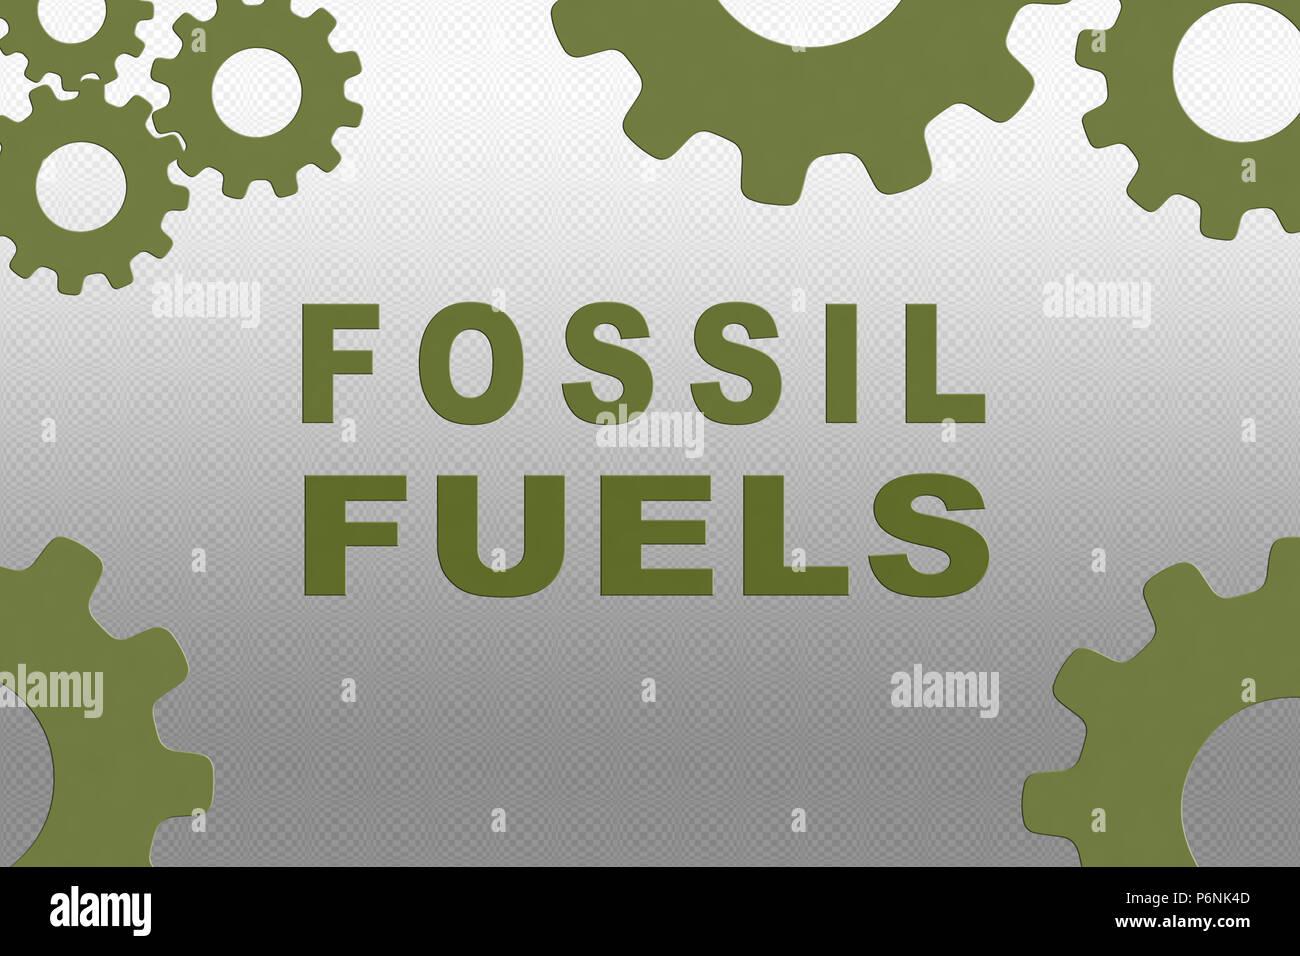 Los combustibles fósiles firmar la ilustración del concepto con rueda dentada verde cifras sobre fondo de gradiente gris Imagen De Stock